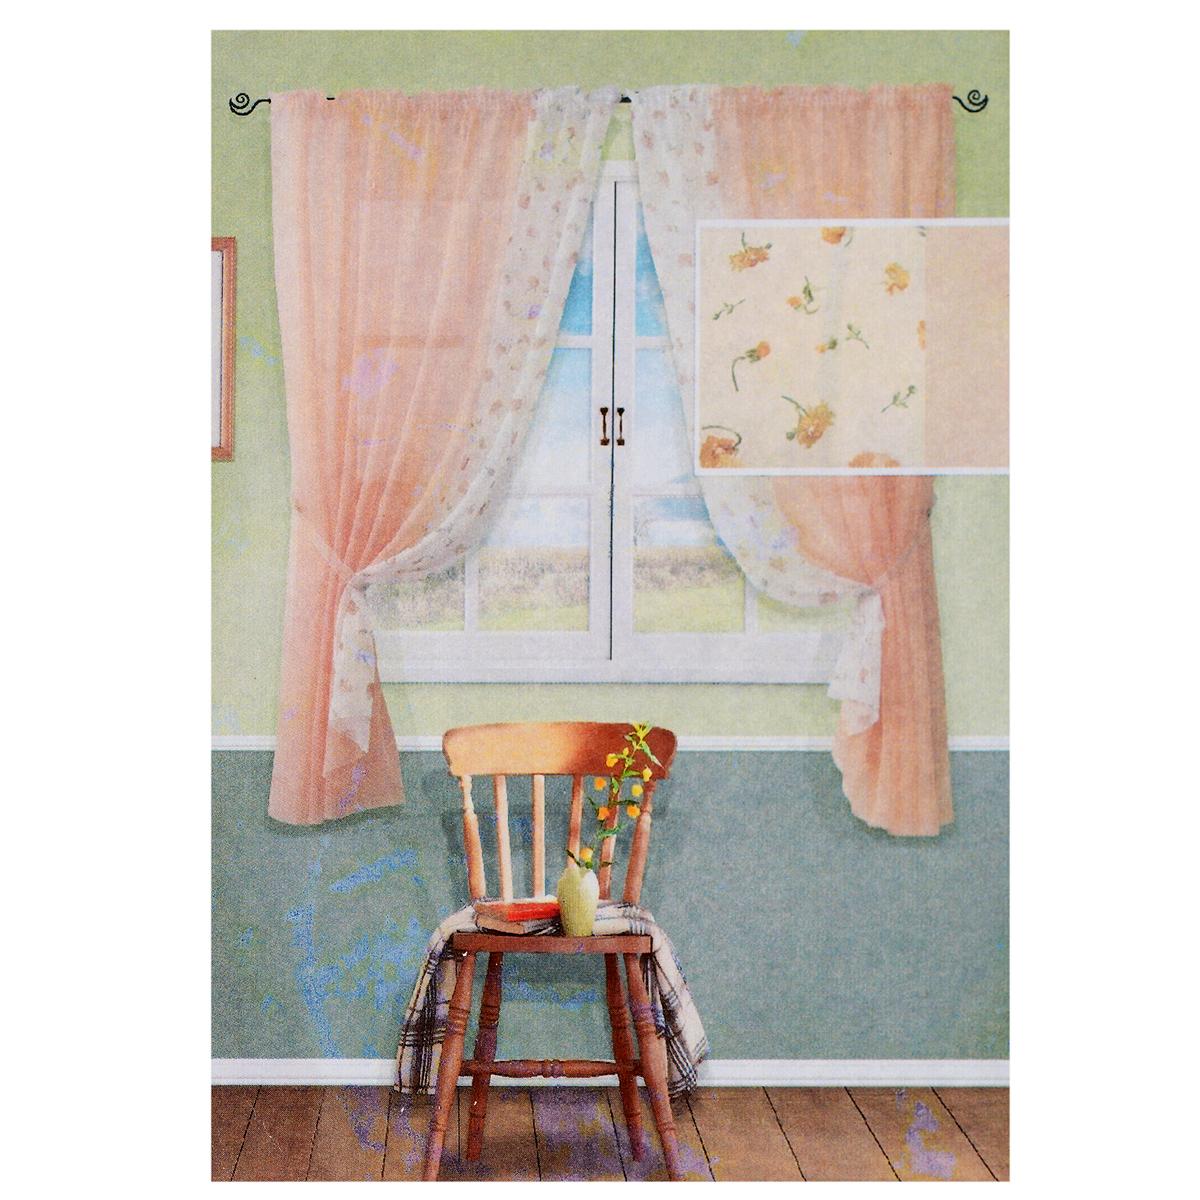 Комплект штор Kauffort Розанна, на ленте, цвет: персиковый, высота 170 смUN123871155Комплект Kauffort Солей состоит из двух штор и двух подхватов. Полотно штор выполнено из легкого полиэстера персикового цвета и декорировано вставкой из белого полиэстера с цветочным рисунком. Подхваты выполнены из легкого полиэстера персикового цвета. Качественный материал, оригинальный дизайн и приятная цветовая гамма привлекут к себе внимание и органично впишутся в интерьер помещения. Шторы оснащены лентой для красивой сборки. Комплект штор Kauffort Розанна станет великолепным украшением любого окна. В комплект входит: Штора - 2 шт. Размер (Ш х В): 177 см х 170 см. Подхват - 2 шт. Размер (Ш х Д): 150 см х 9 см.